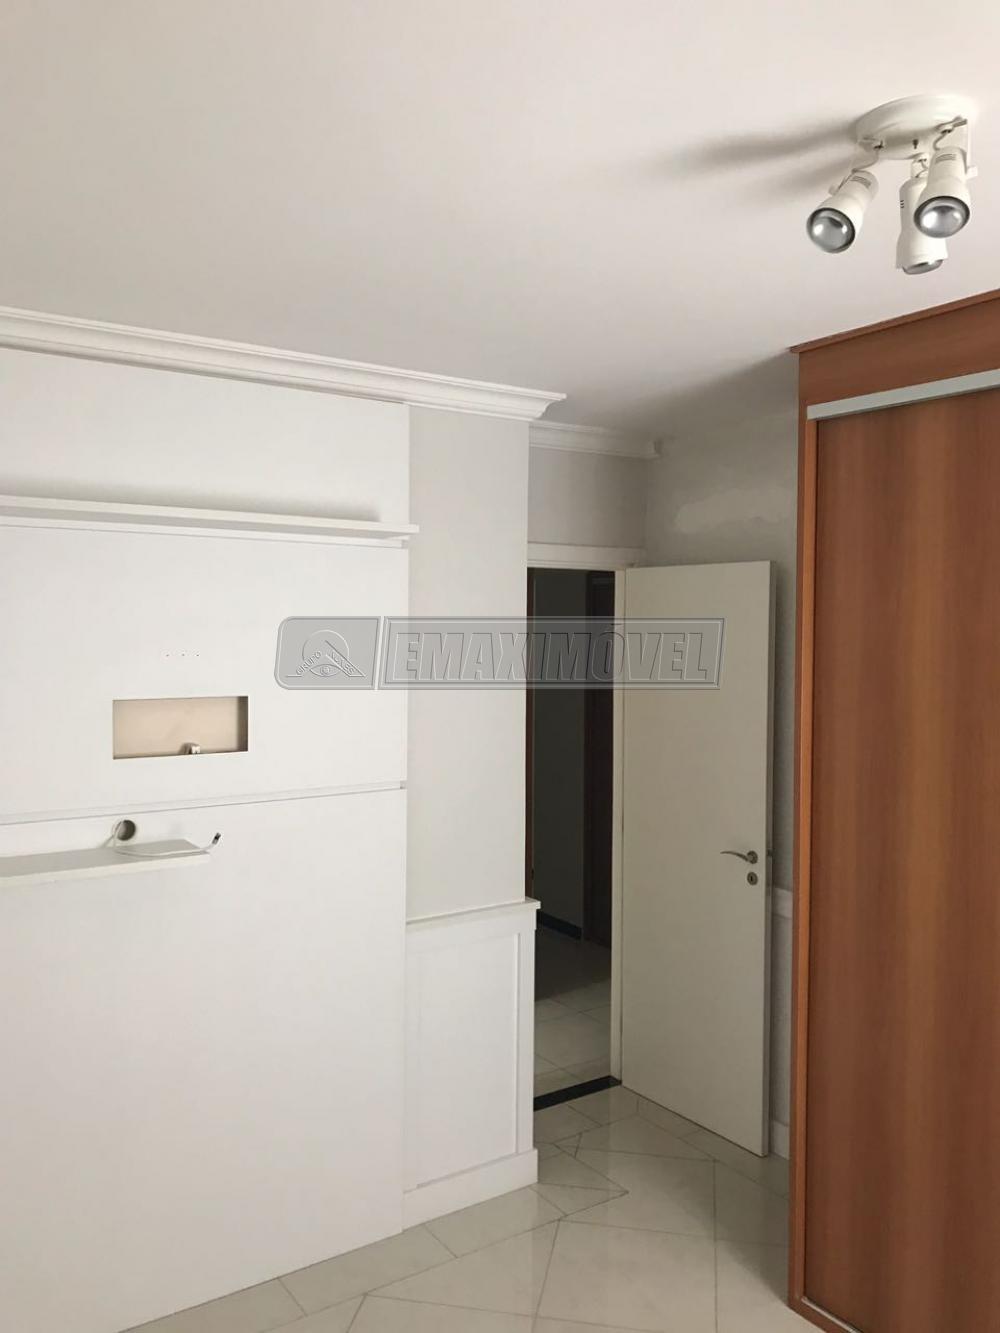 Alugar Apartamentos / Apto Padrão em Sorocaba apenas R$ 3.900,00 - Foto 17